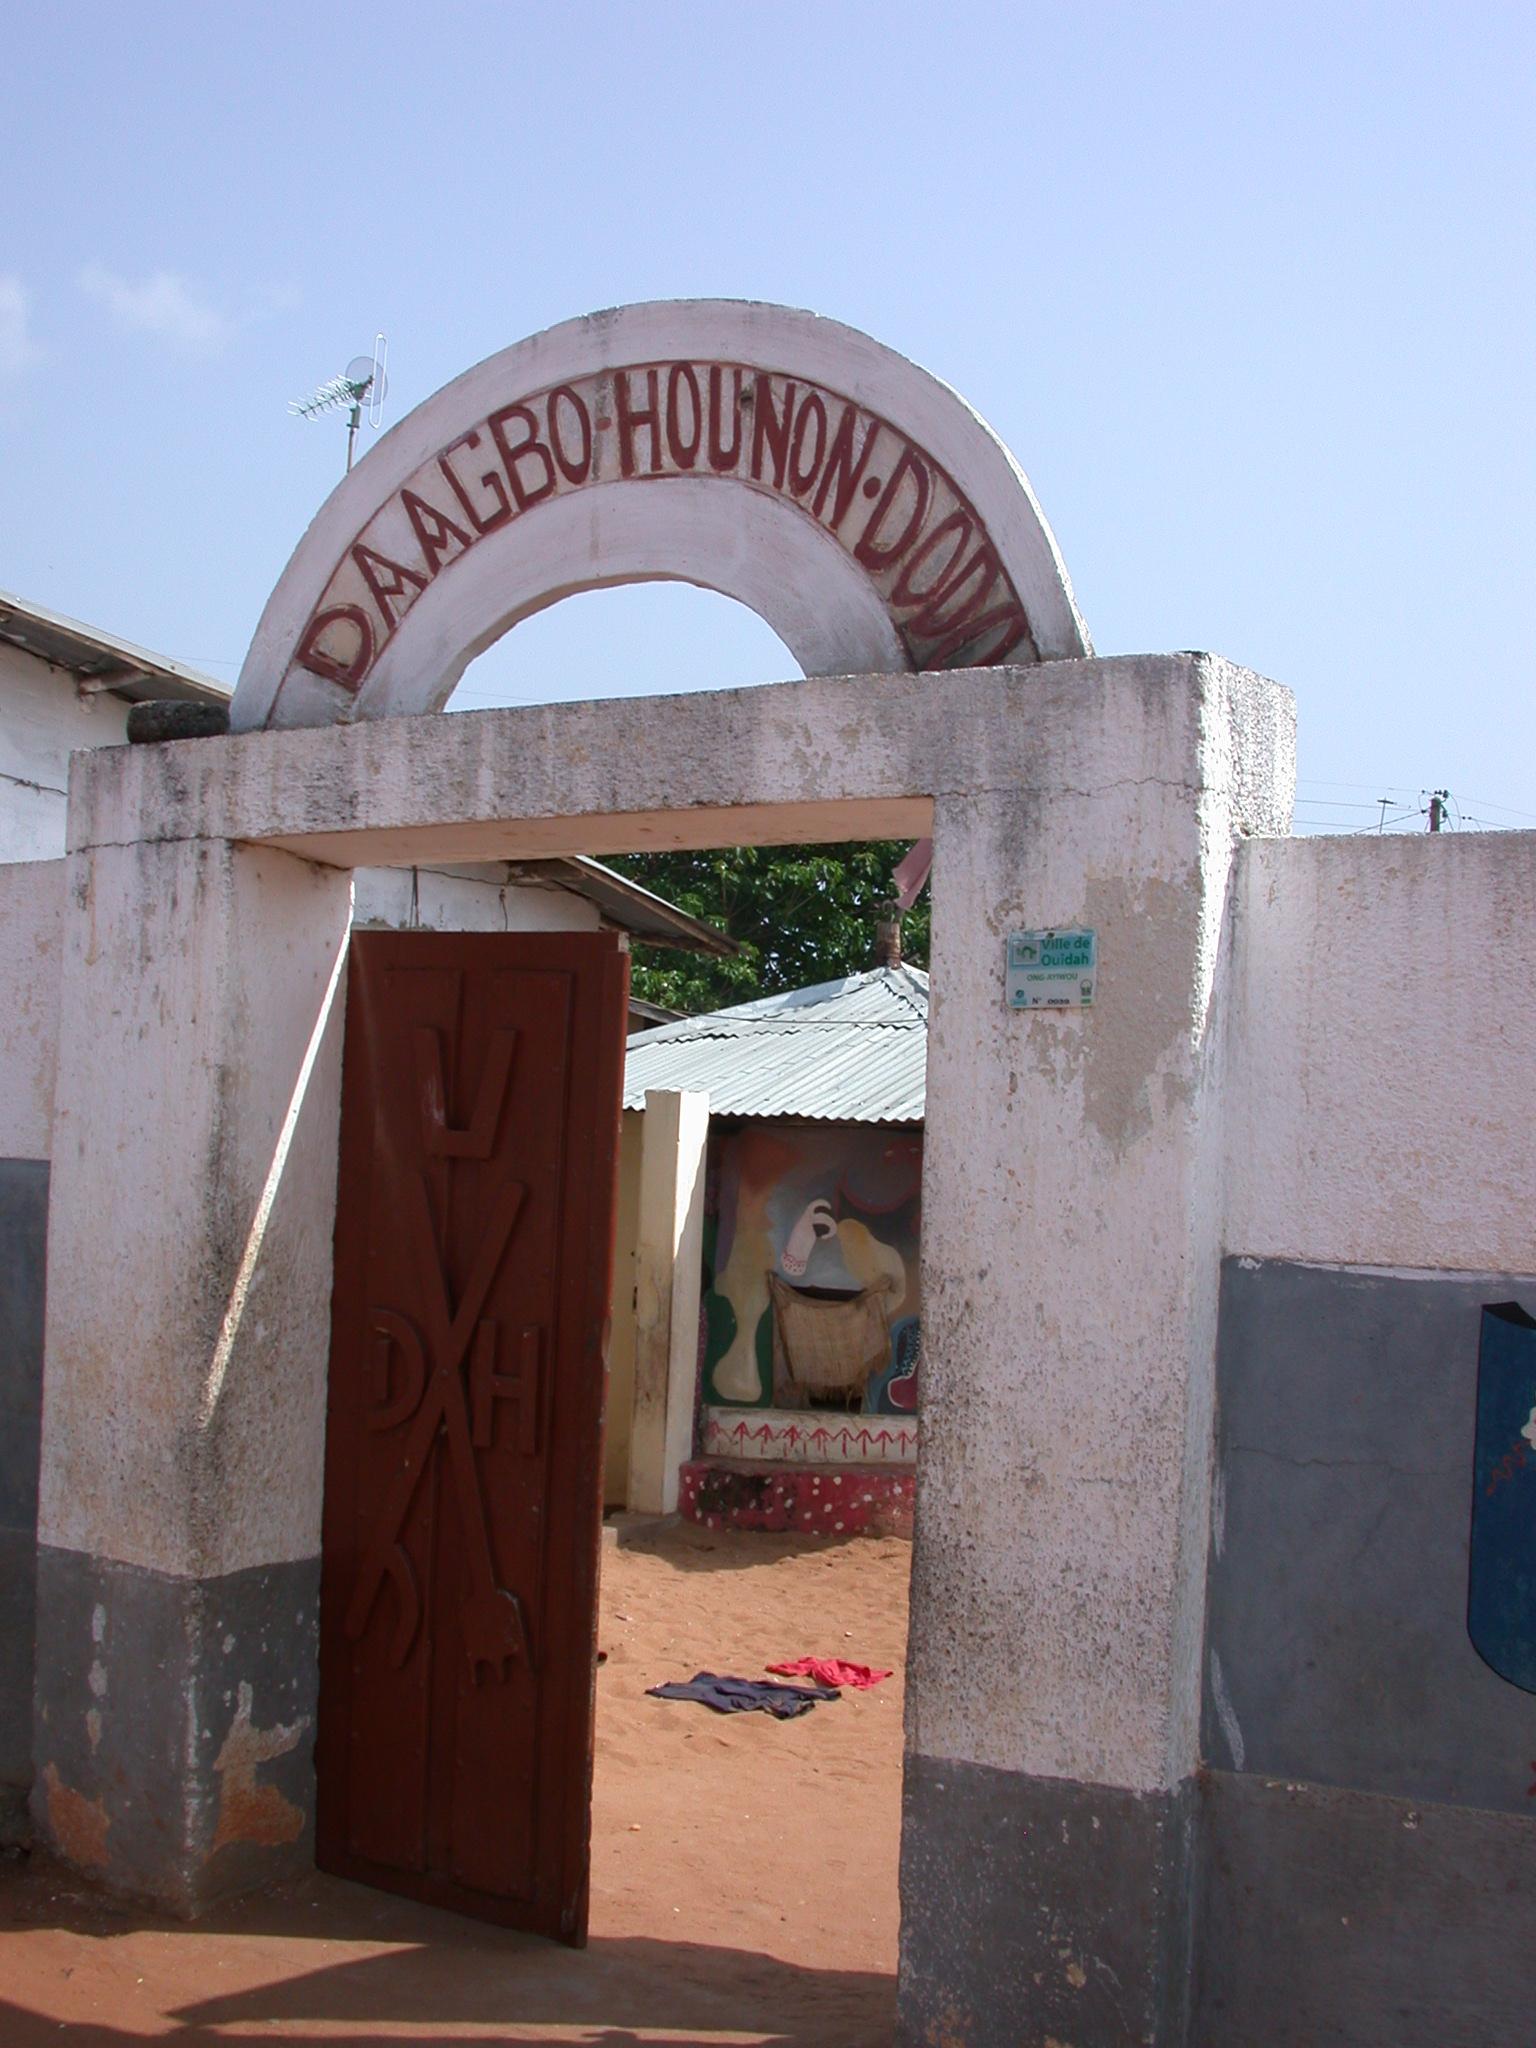 Entrance to Daagbo Hounon Dodo Palace, Ouidah, Benin